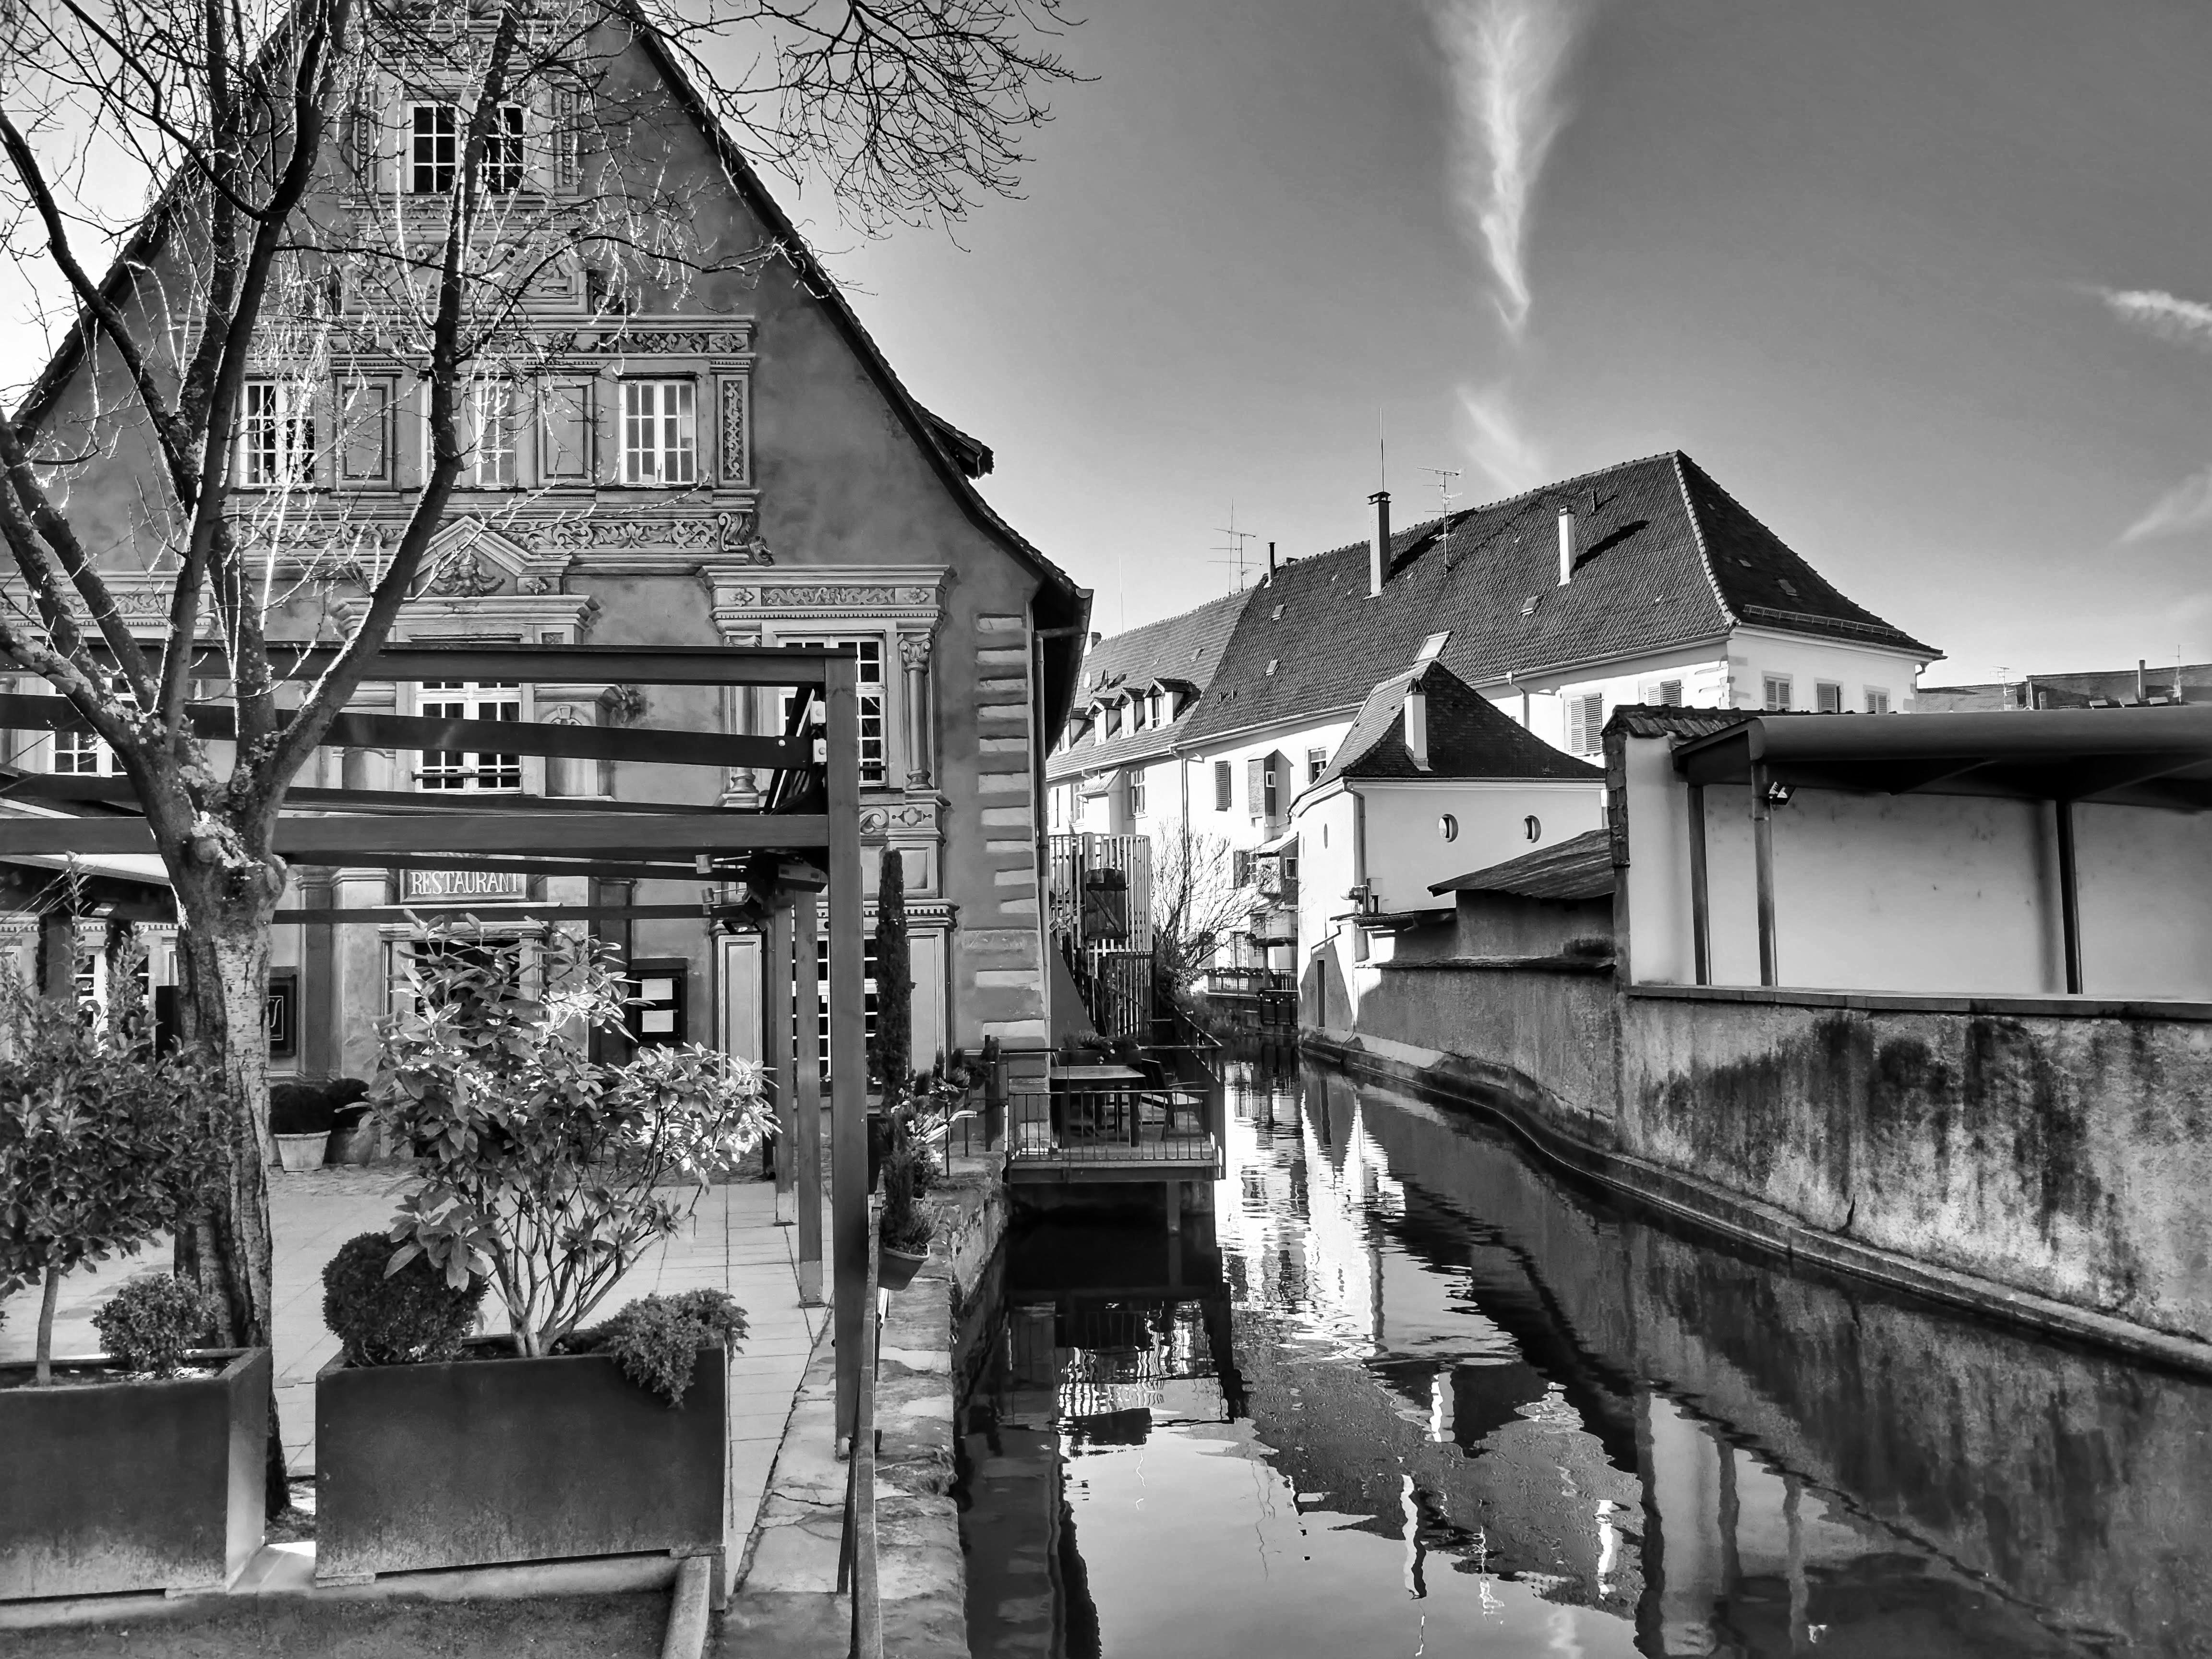 Ezért merem mondani, hogy ez a francia Brugge.